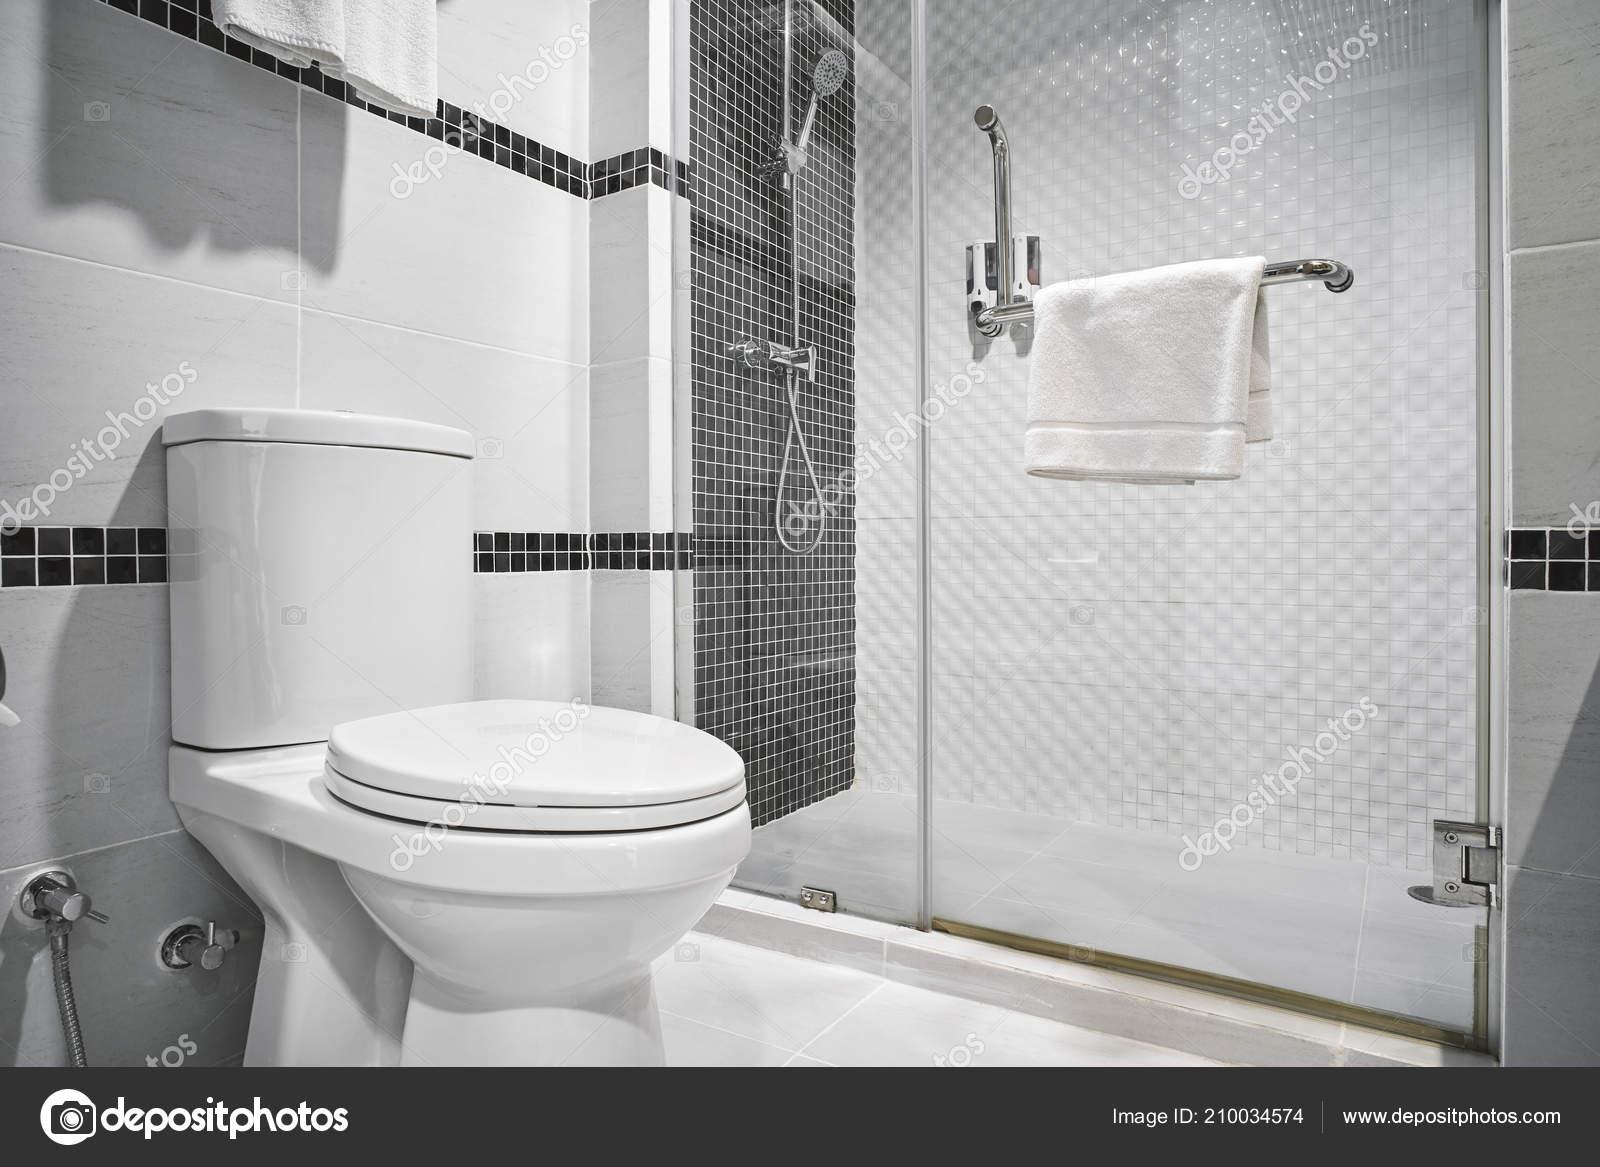 Konzept Der Modernen Dekoration Design Der Badezimmer Mit Toilette ...